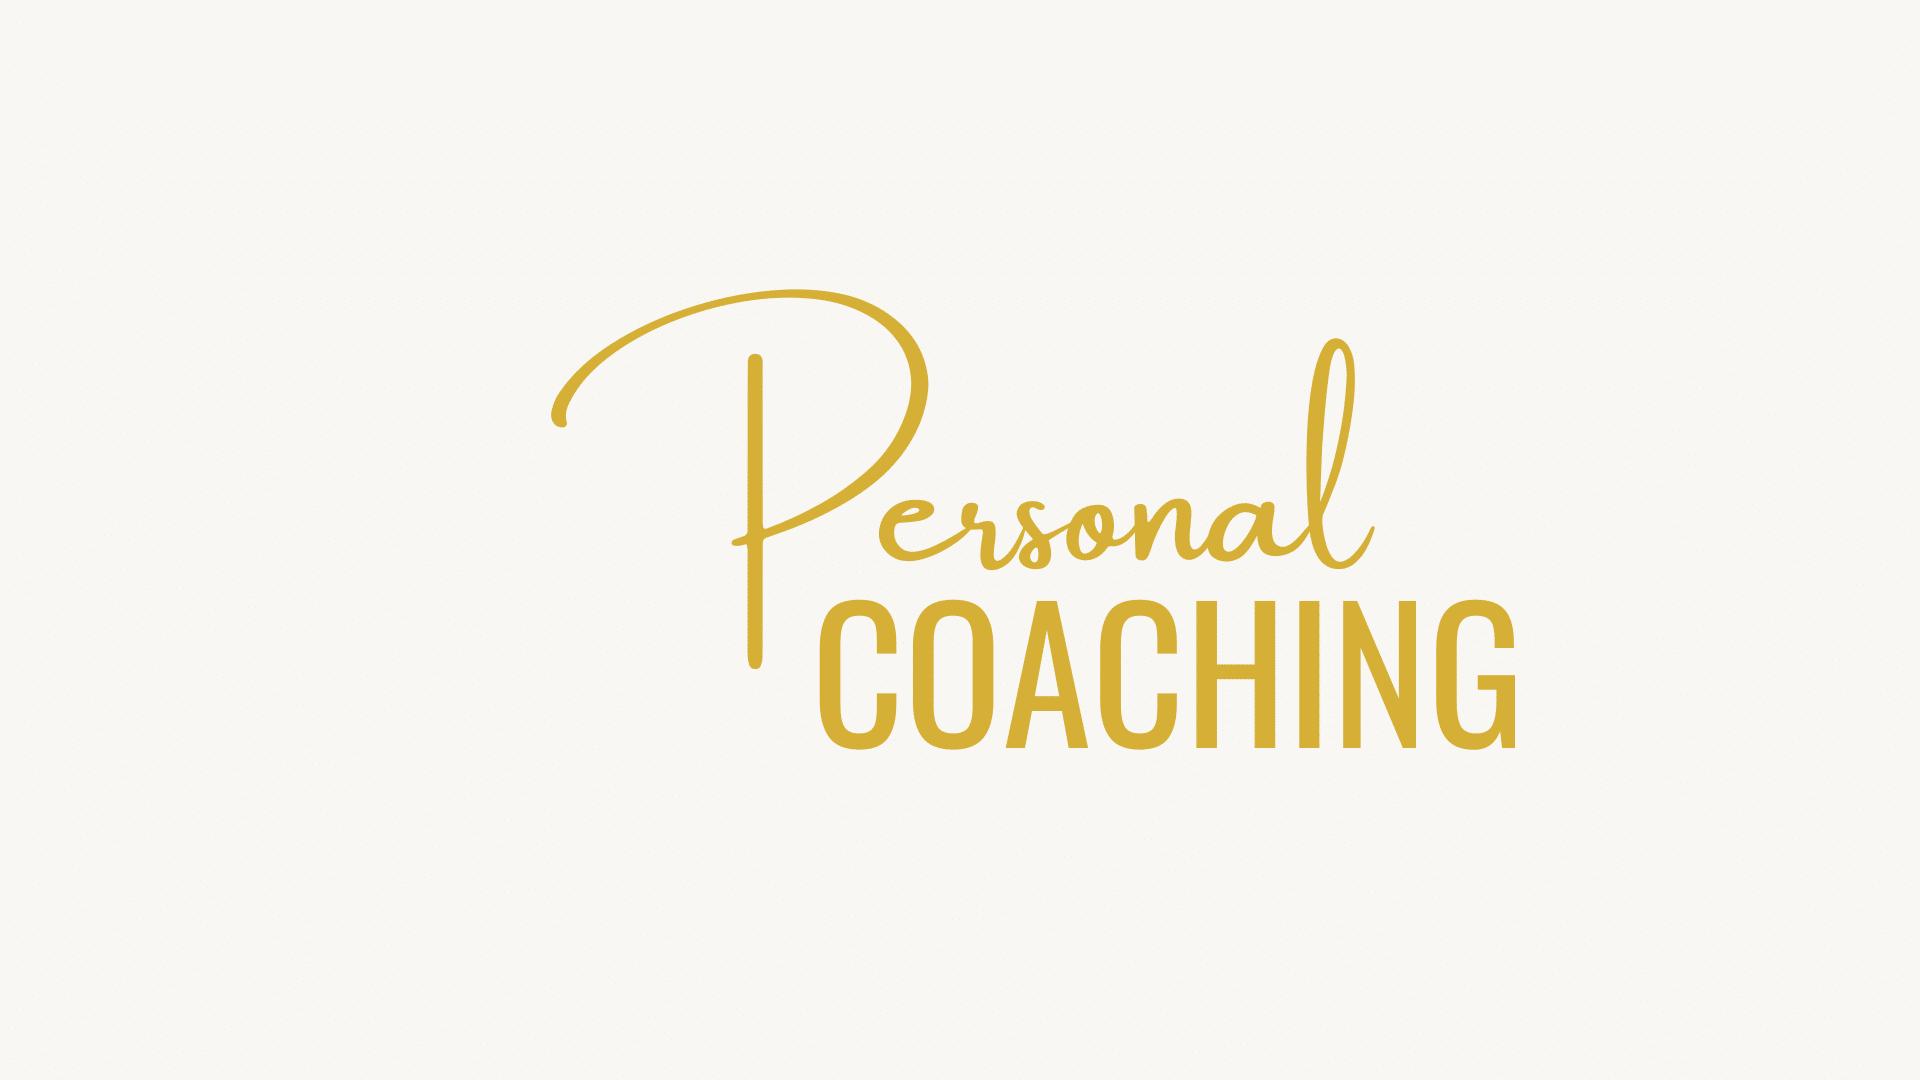 Personal Coaching Elke Friedrichs München